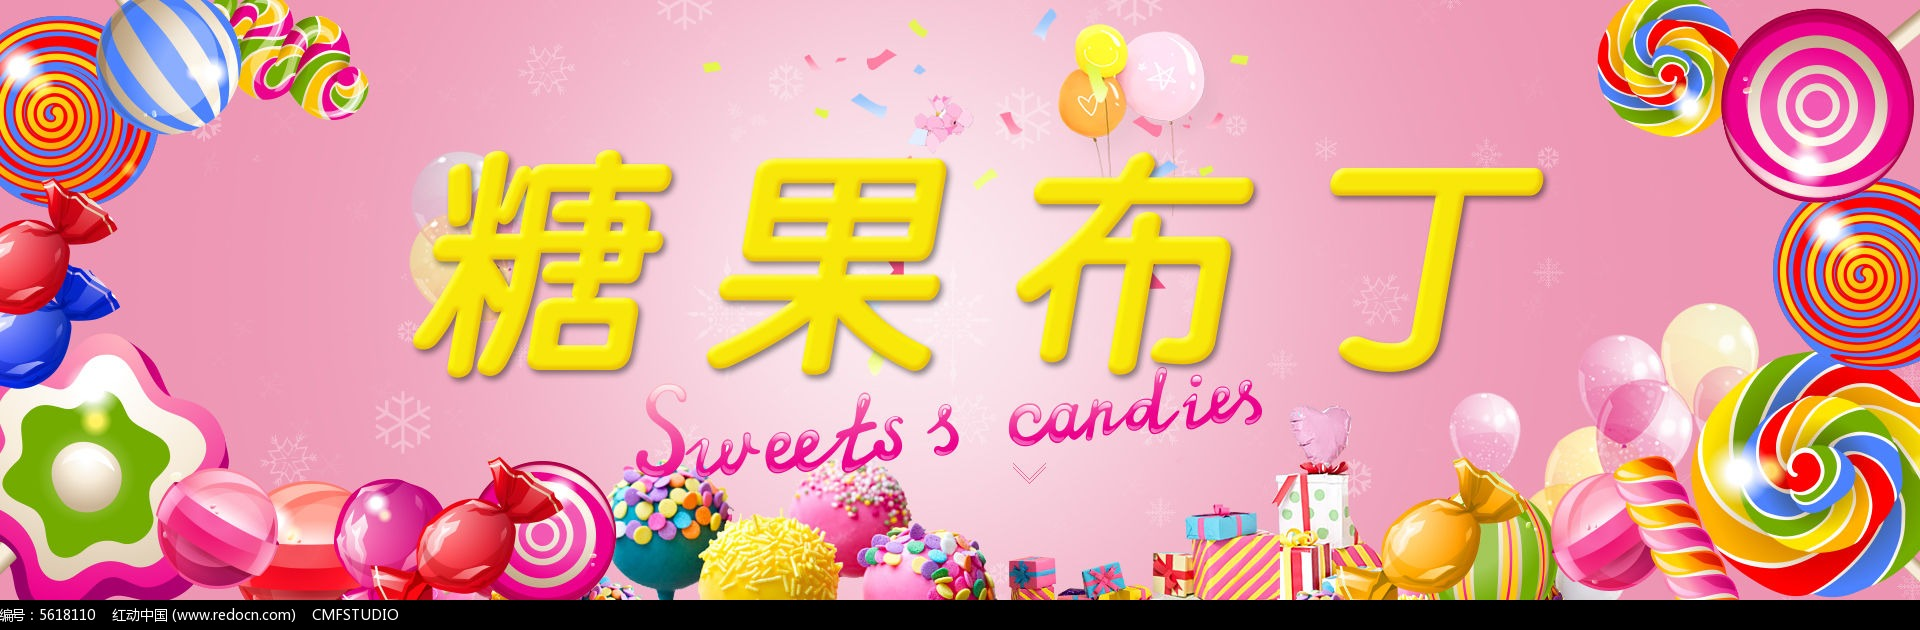 一个糖果图片大全可爱